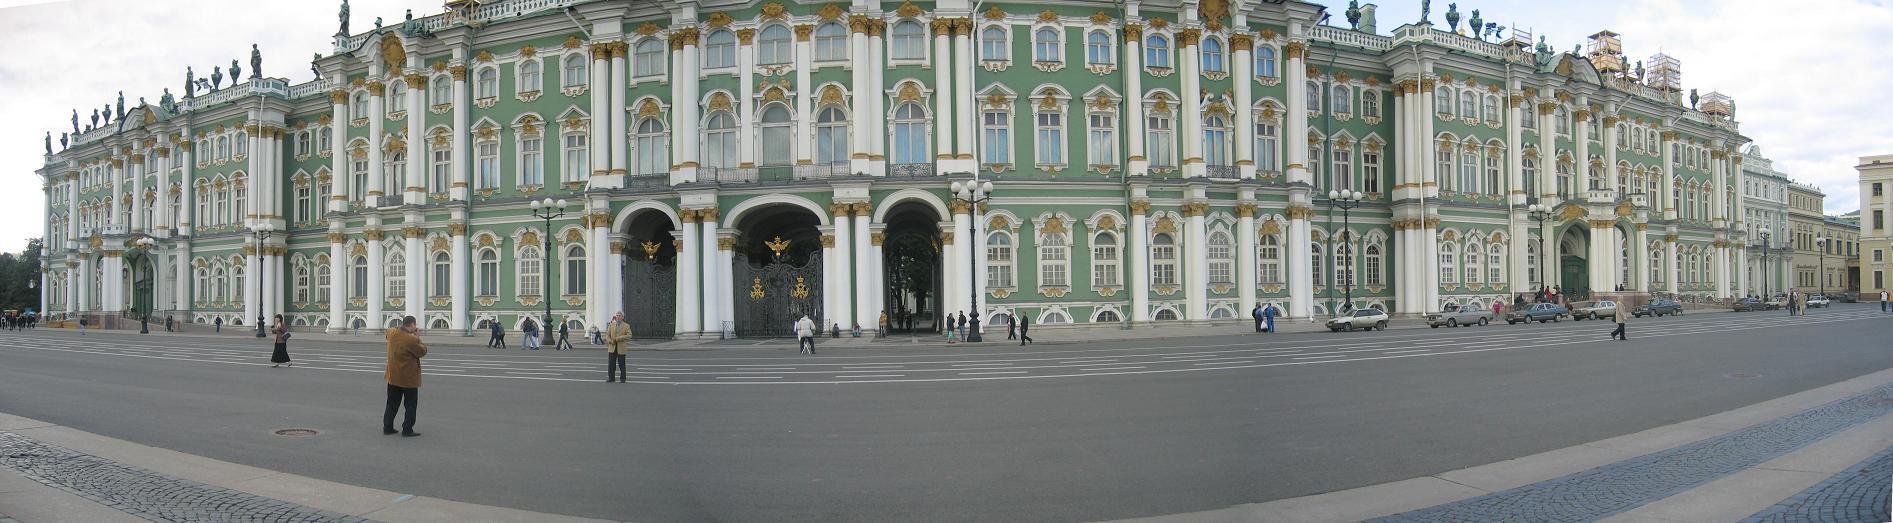 Russia_stpetersburg